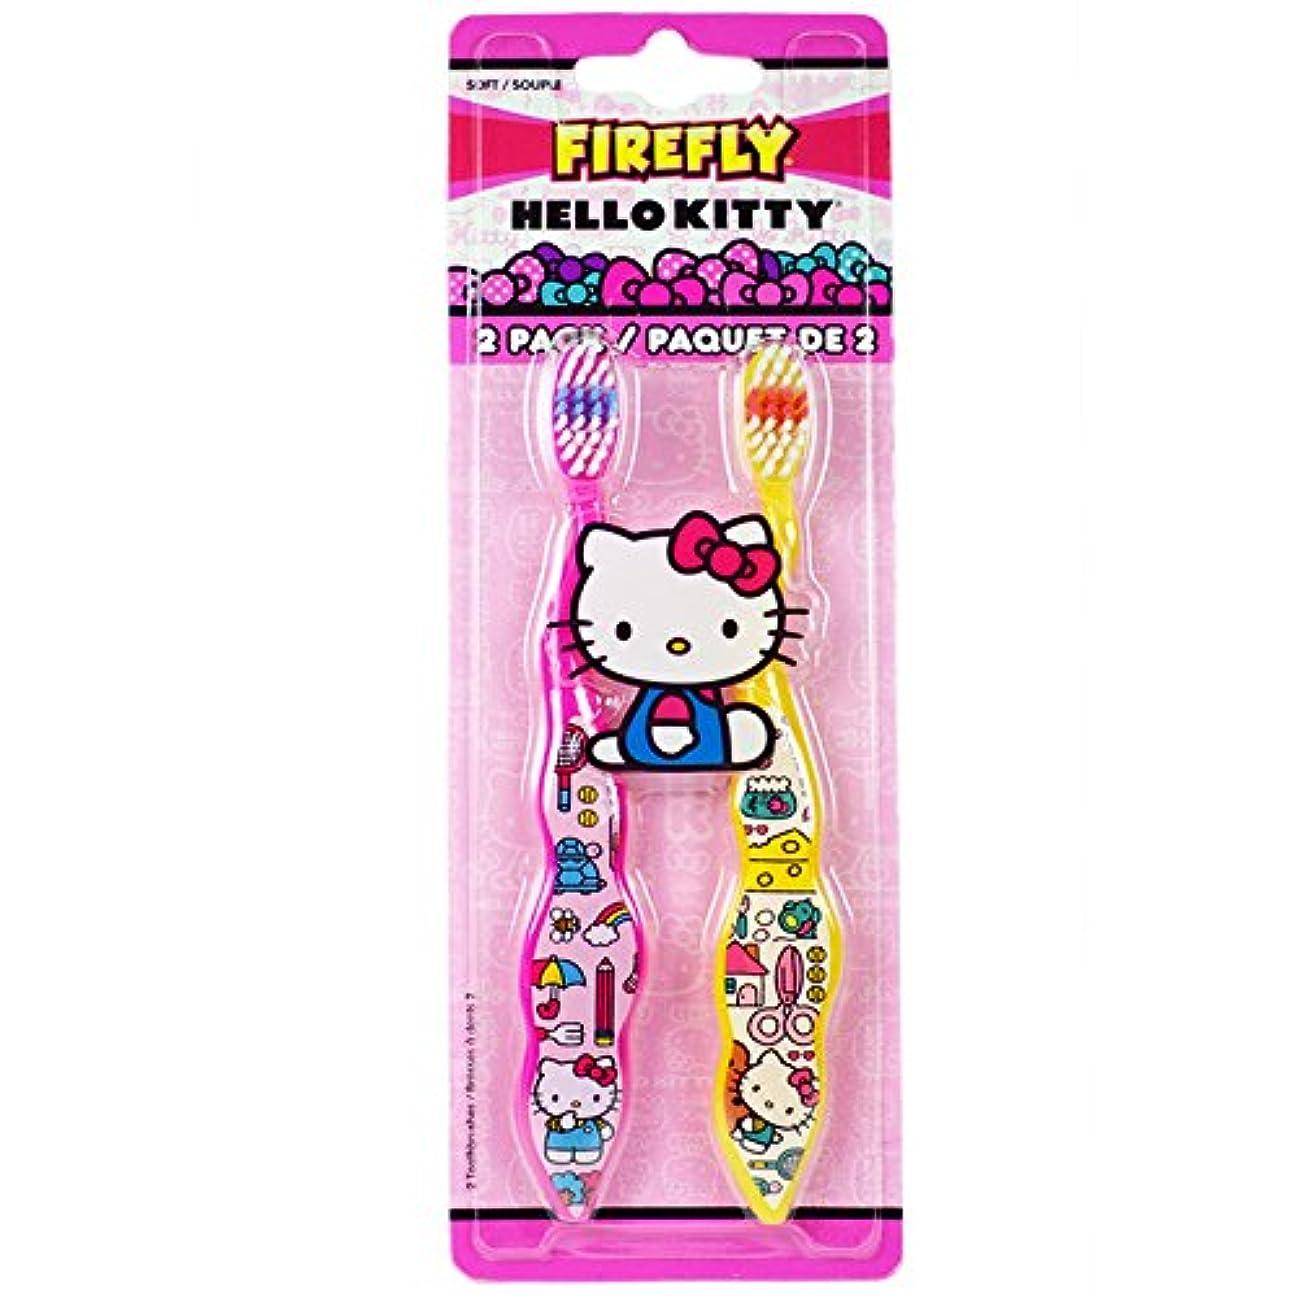 静かな爬虫類ベギンDr. Fresh Firefly Hello Kitty Toothbrush, Soft by Firefly